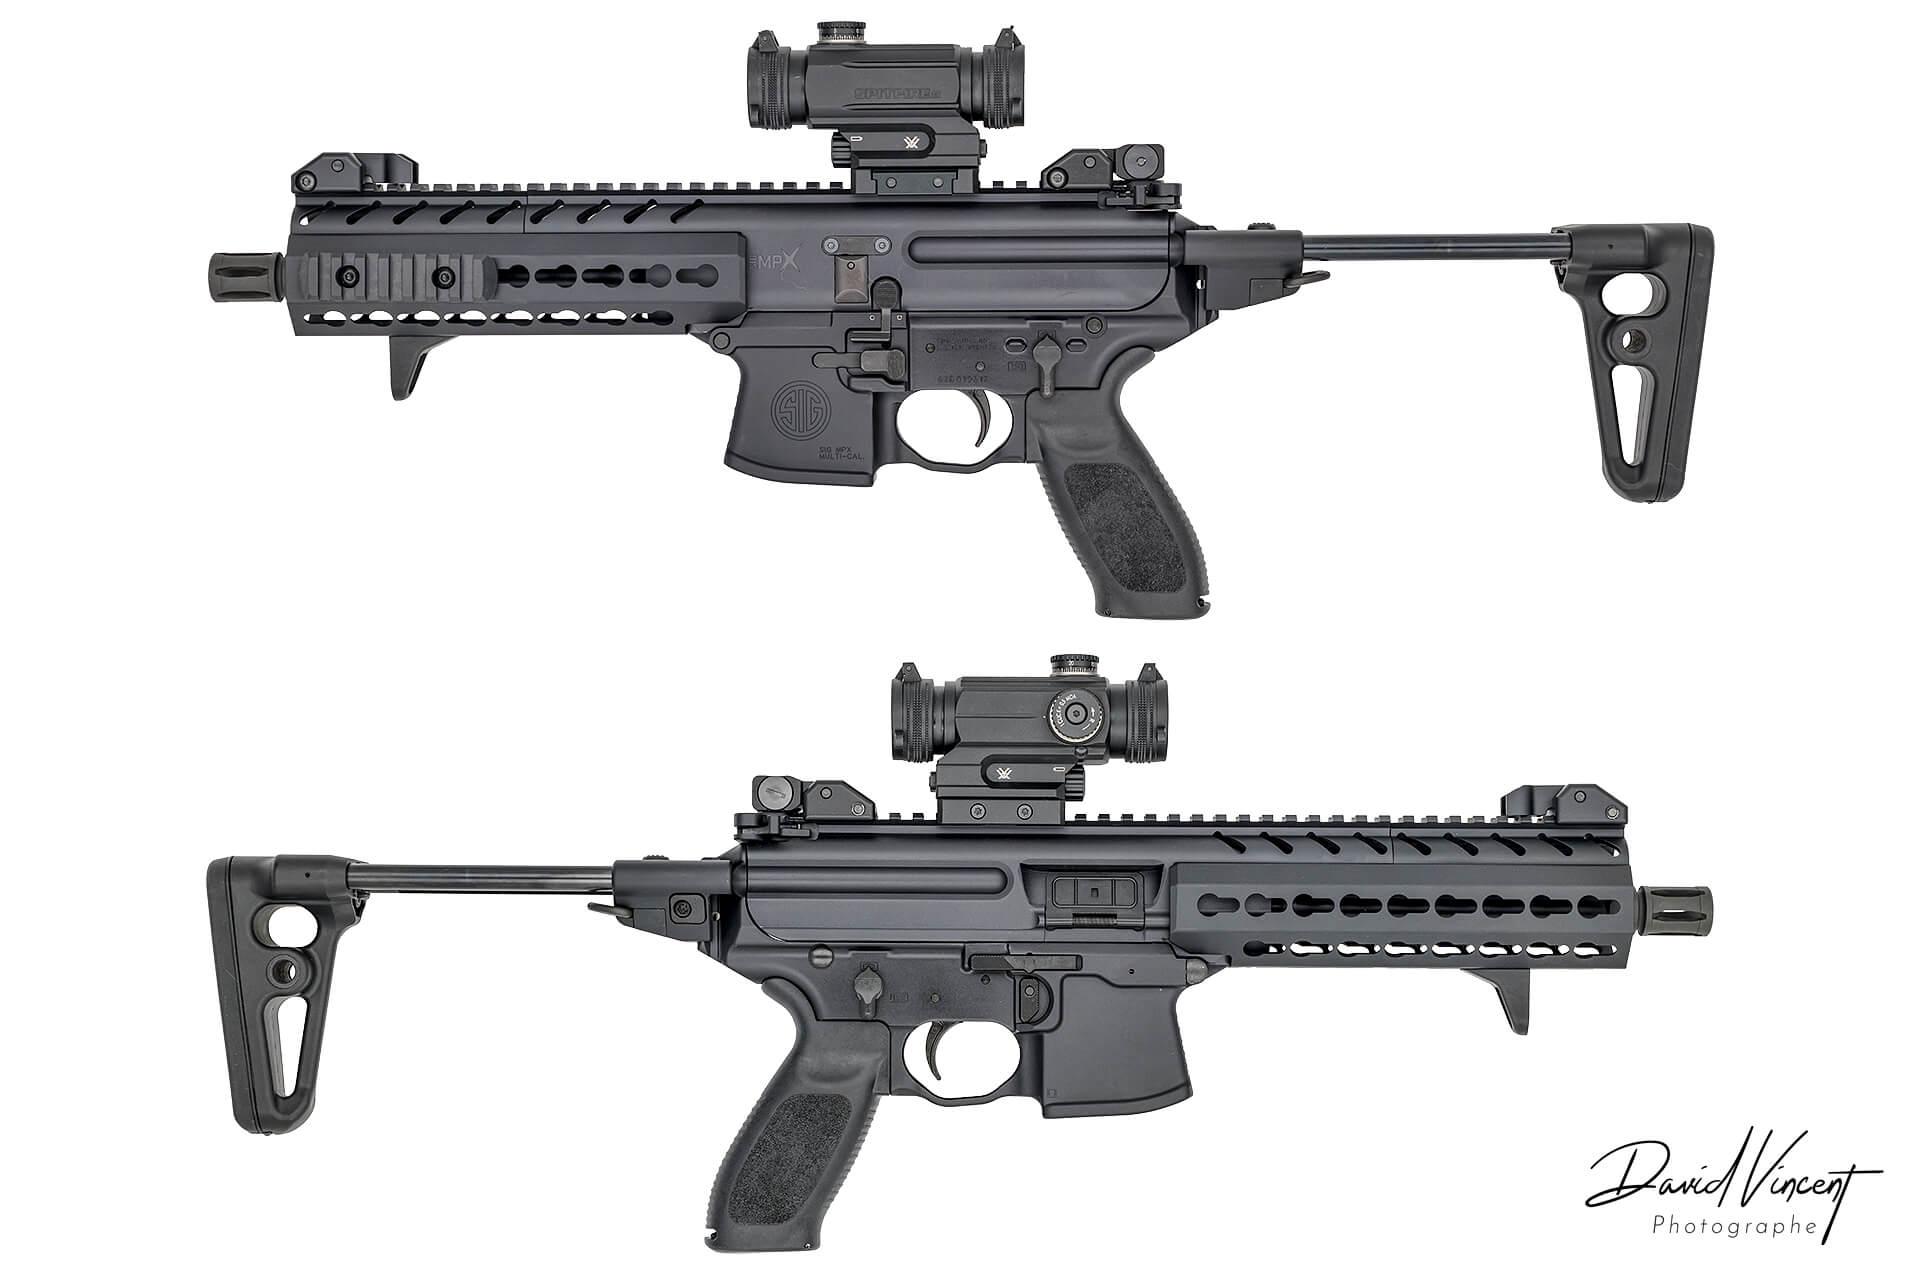 SIG MPX - Photographe d'armes à feu